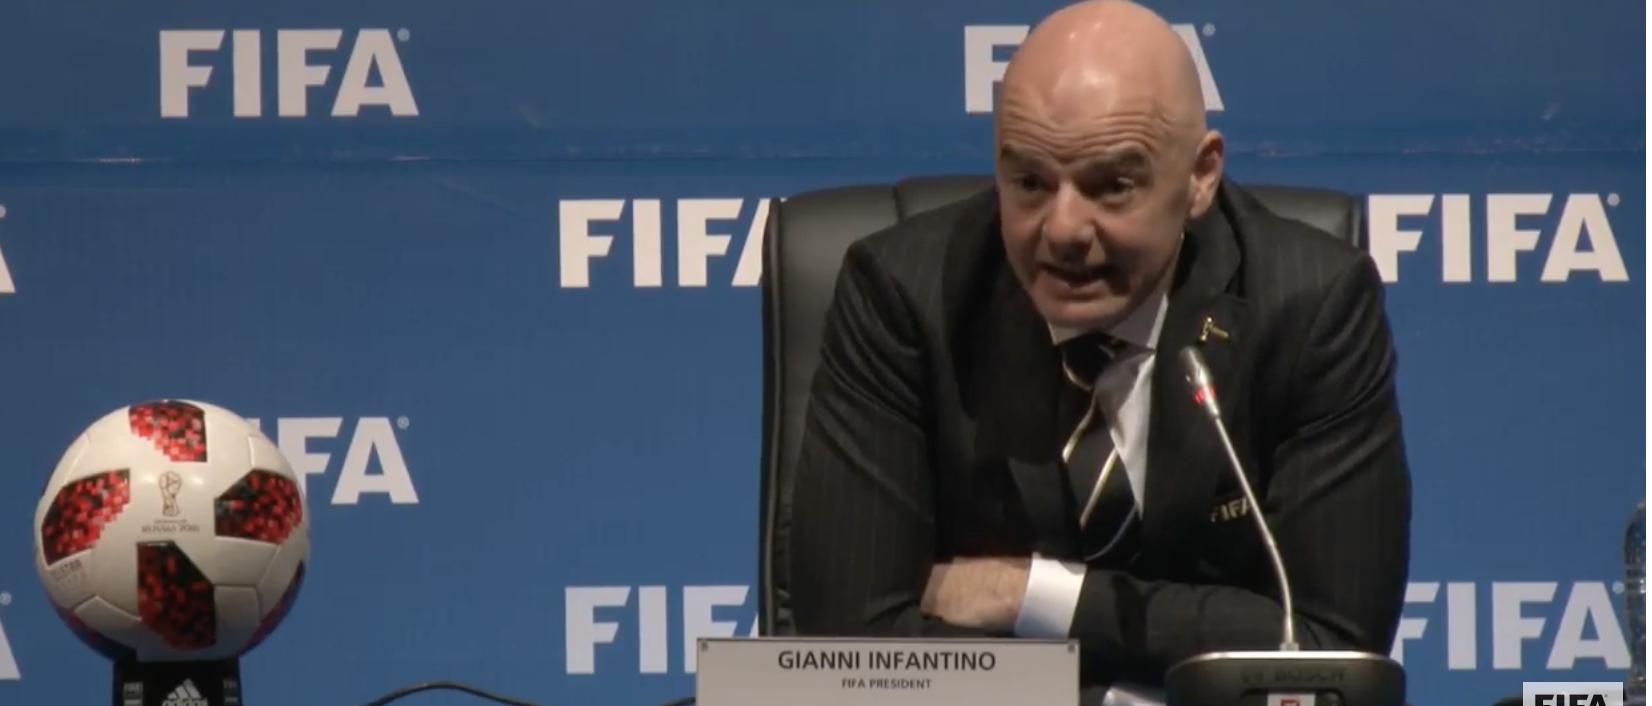 رئیس فیفا درصدد مالیات بر درآمد 3 رقابت بین المللی